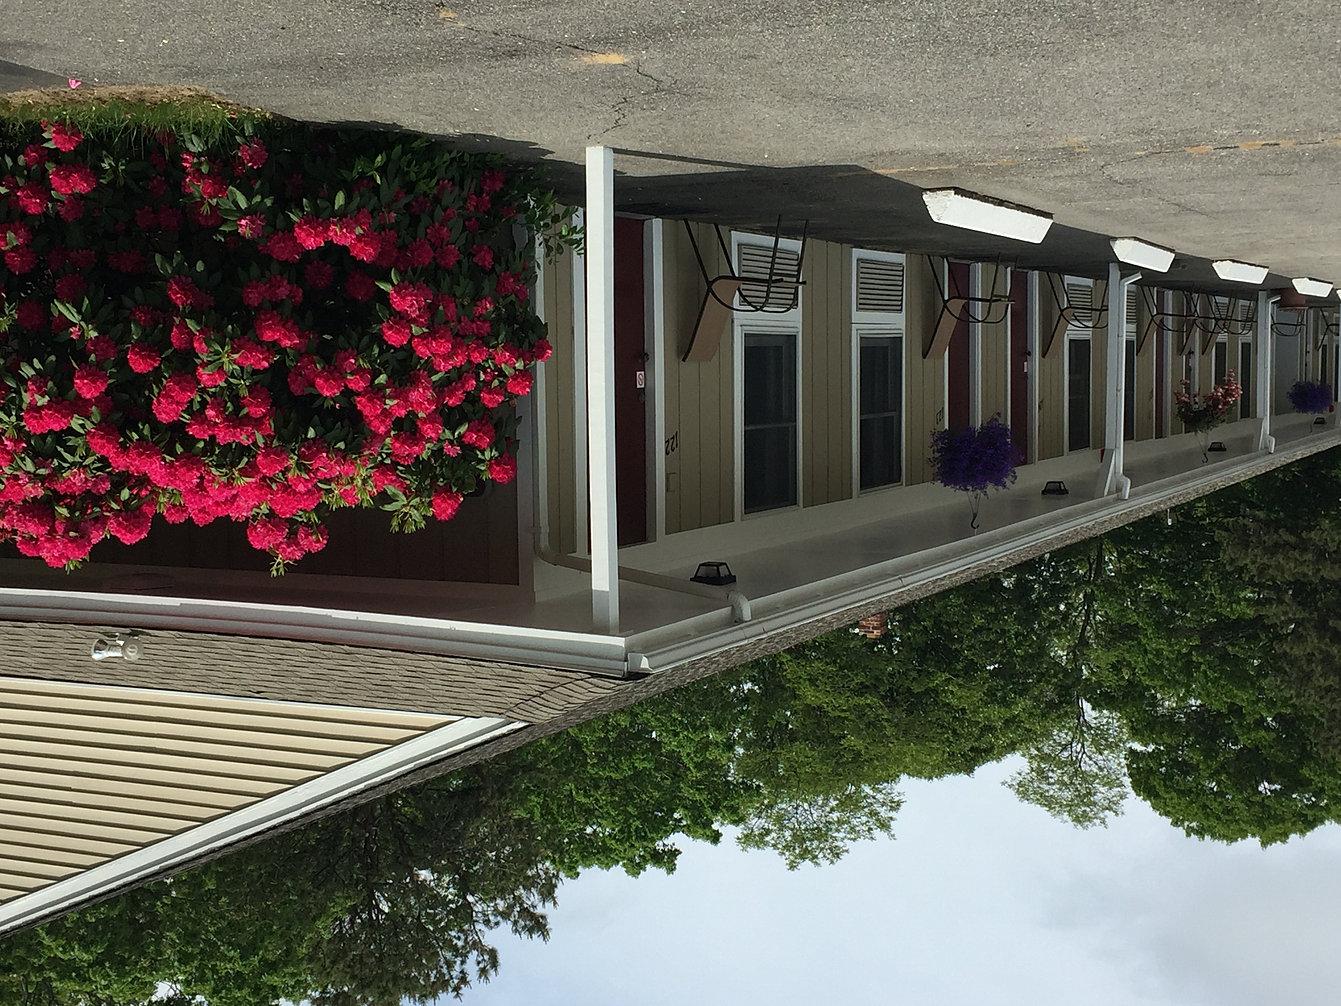 Viking shores motor inn eastham ma motel hotel on cape cod for Viking shores motor inn